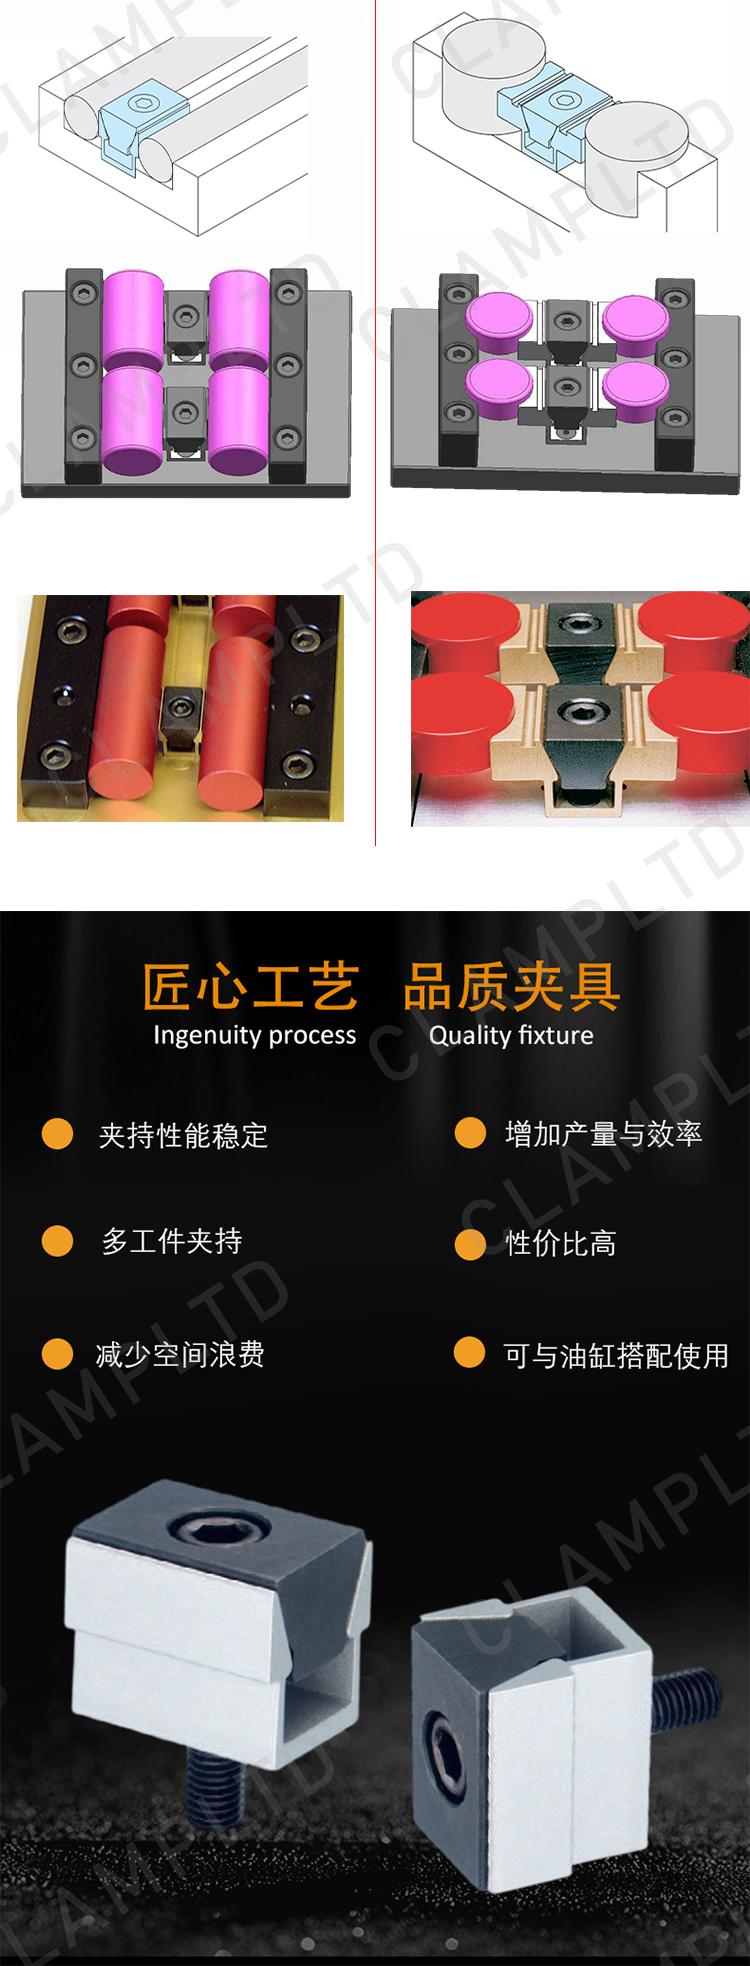 精巧型虎钳、双面固定夹具 夹具附件 第3张